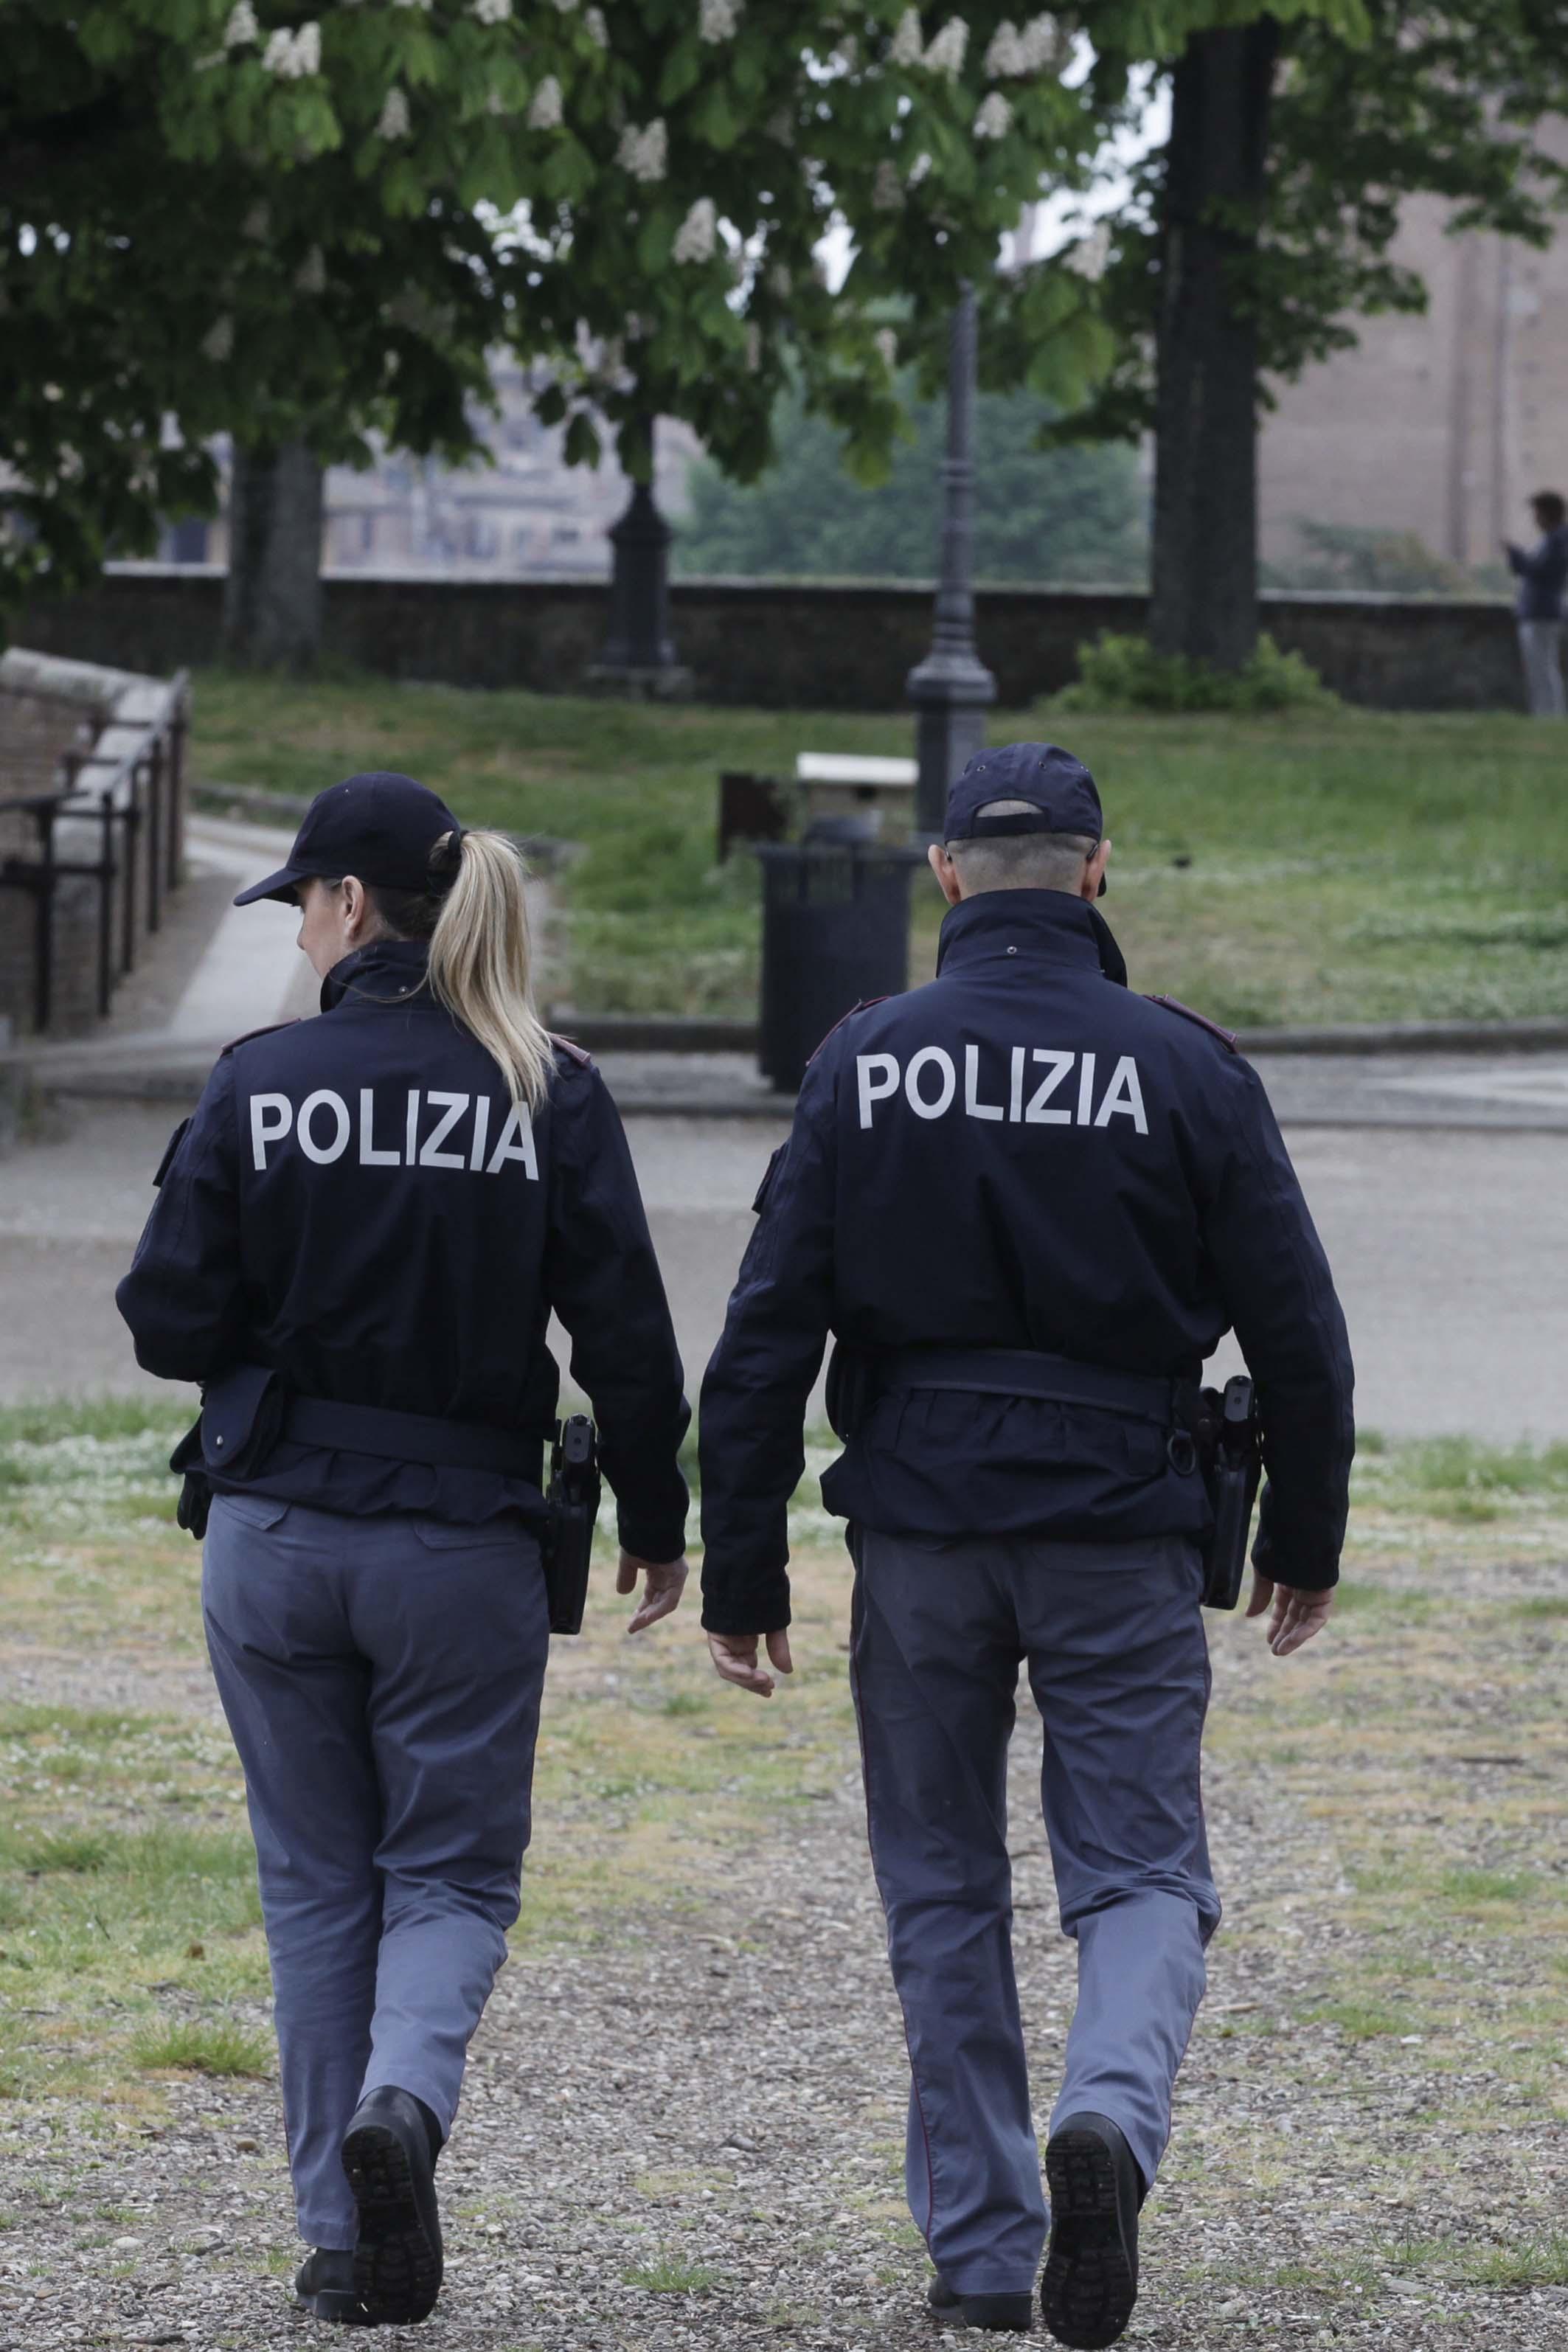 La Polizia stronca un giro di spaccio in pieno centro a Siena